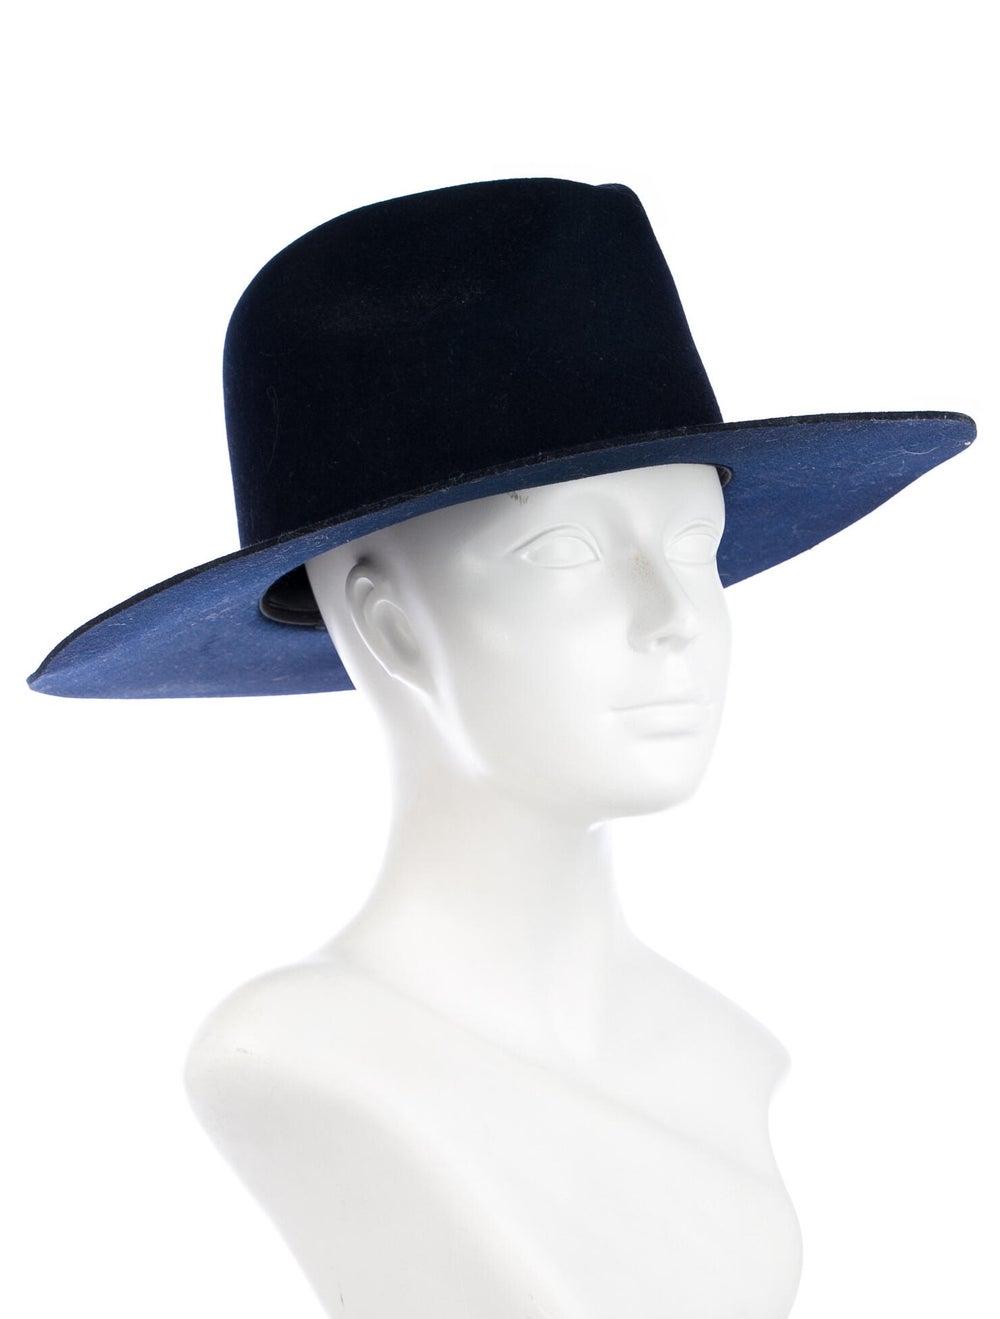 Janessa Leone Wool Wide Brim Hat Navy - image 3